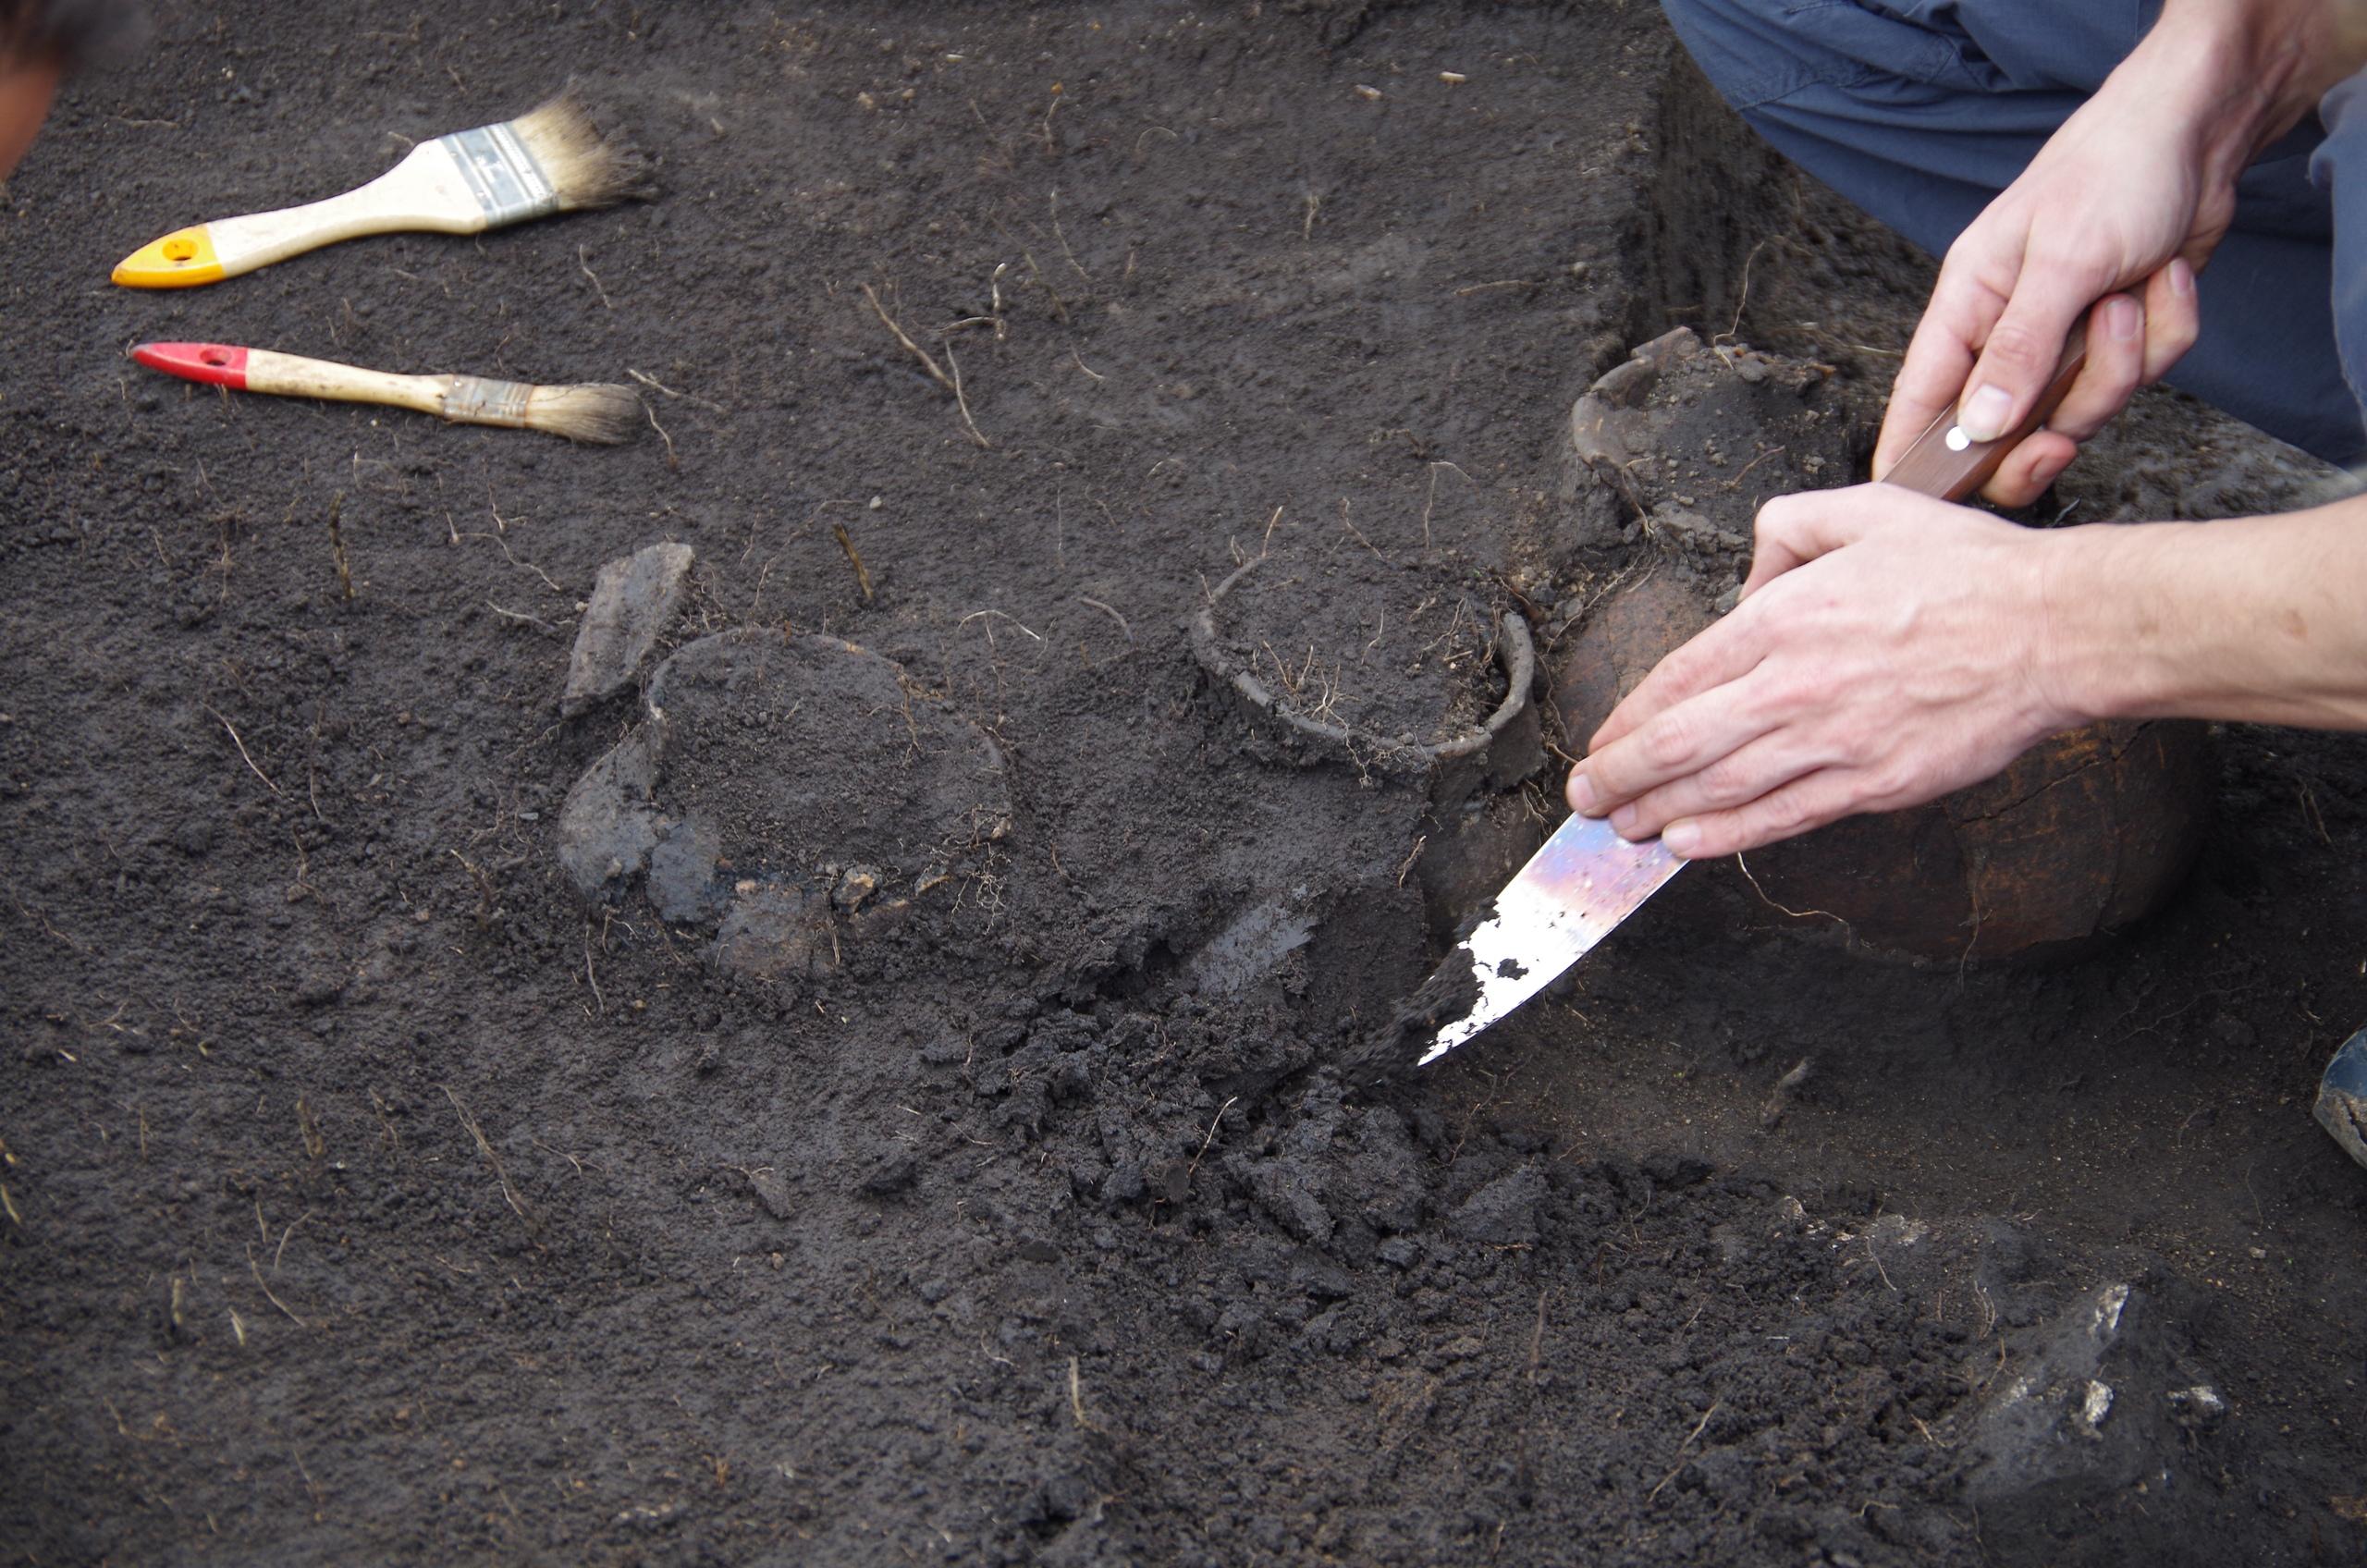 Археологи нашли под Тольятти уникальное захоронение 4 века